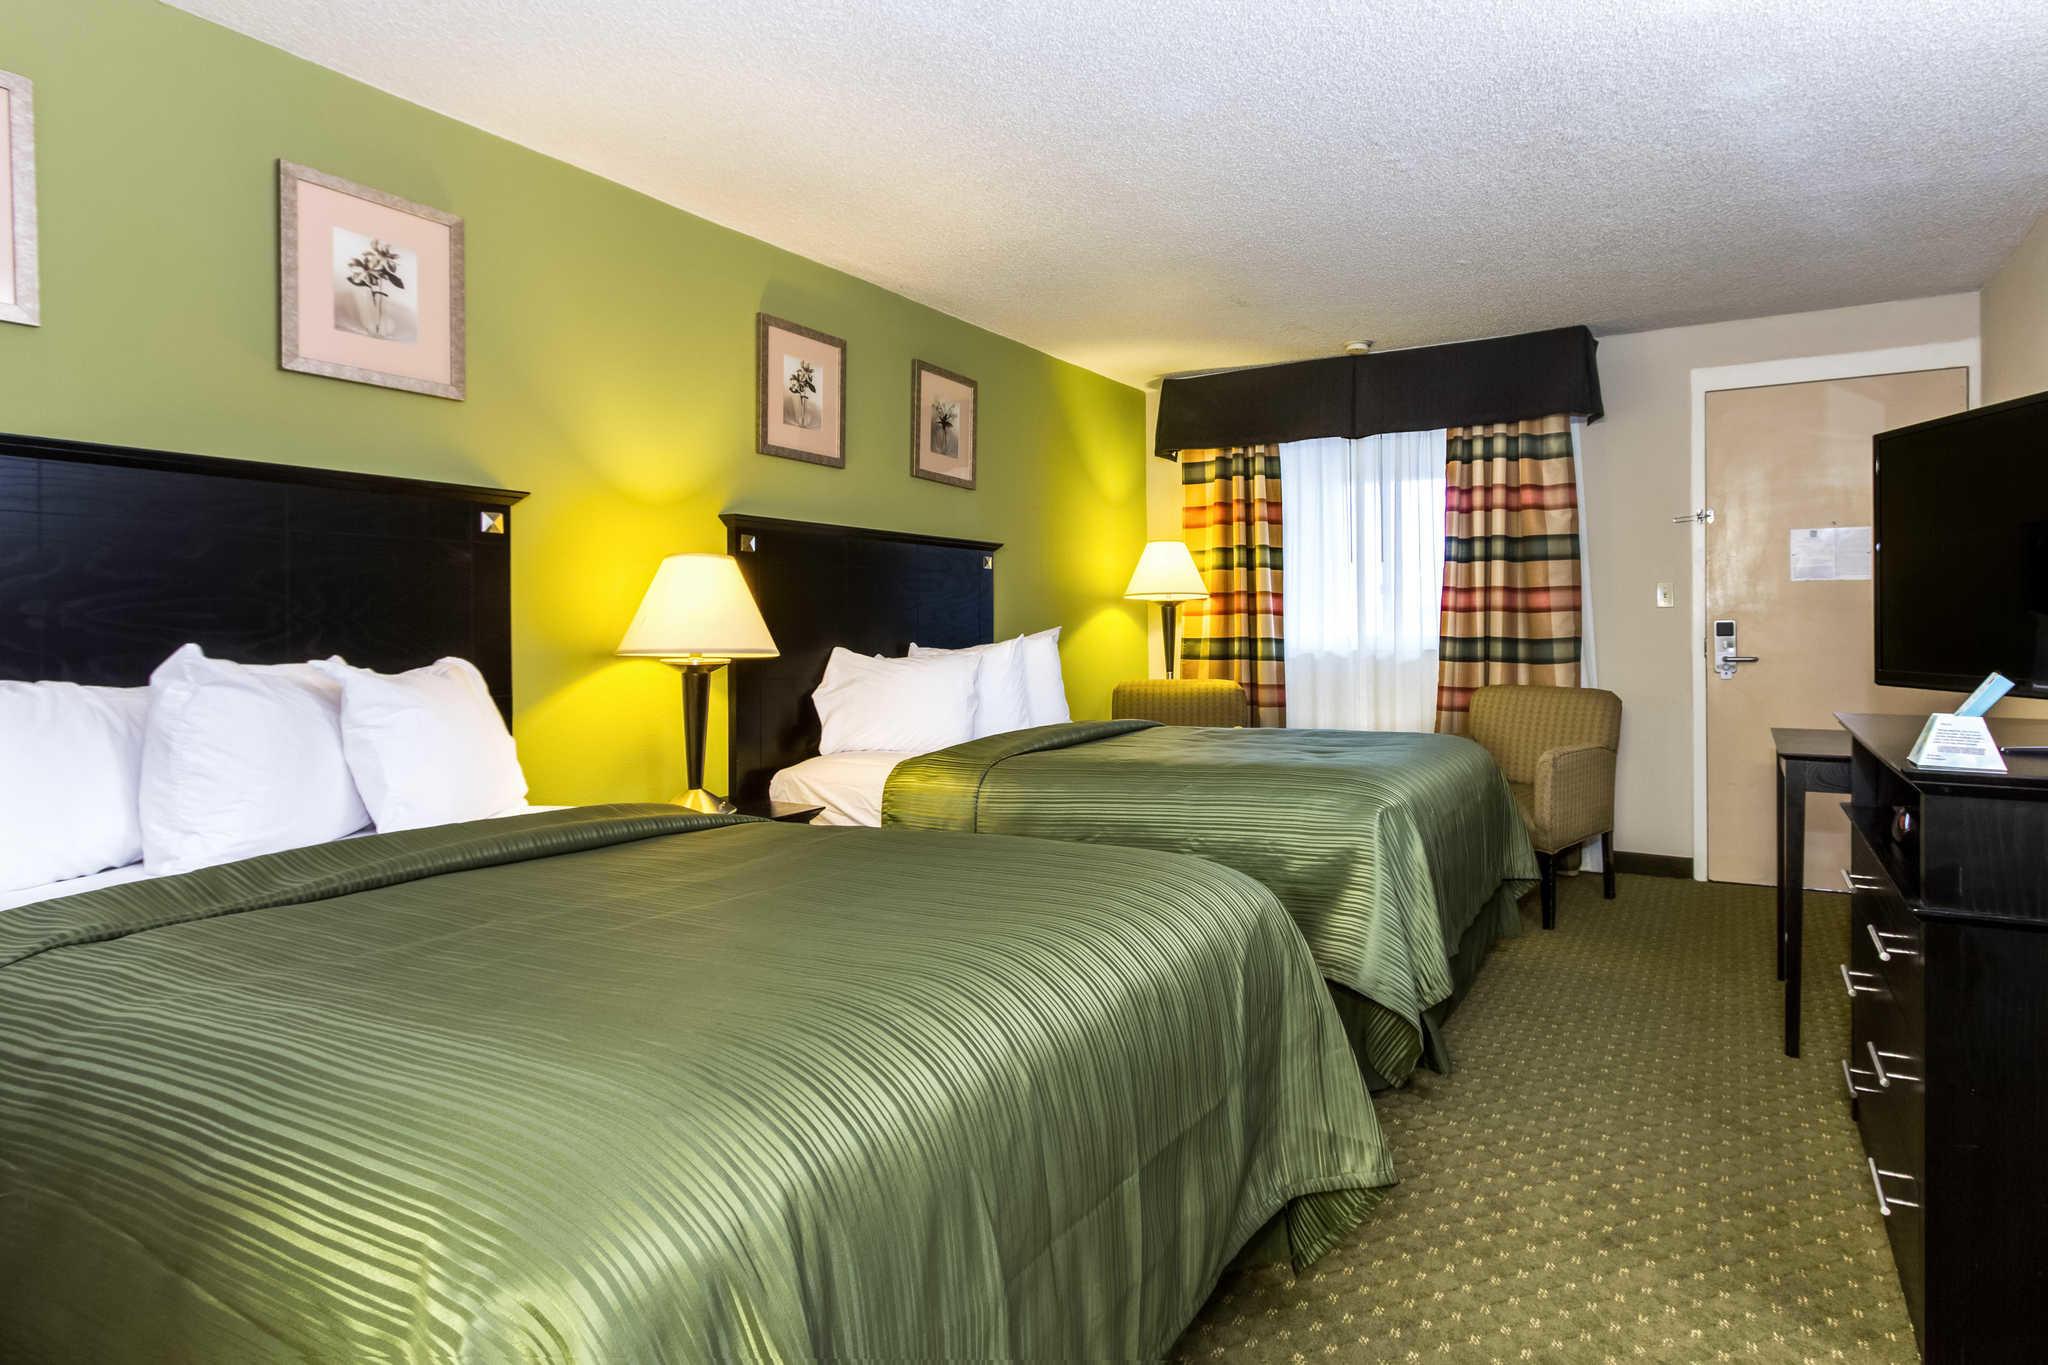 Quality Inn & Suites Moline - Quad Cities image 8